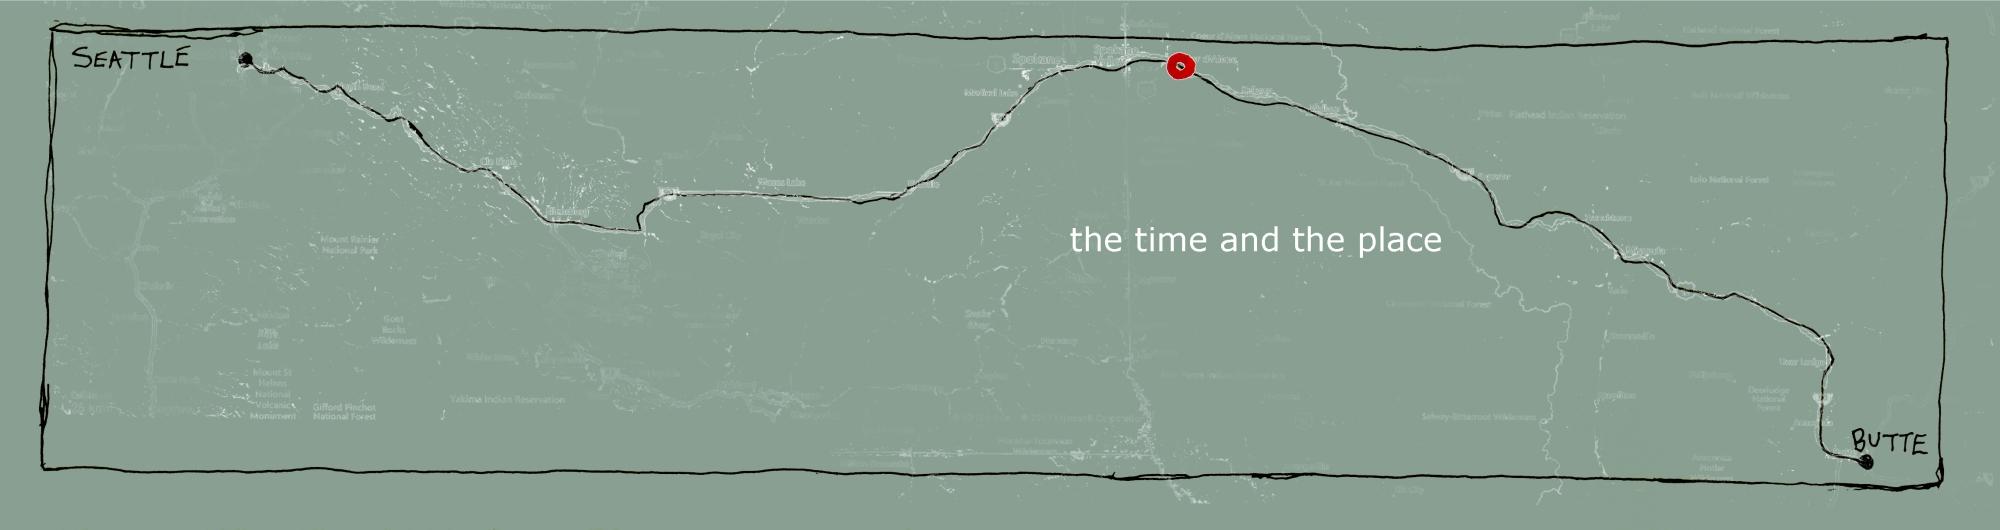 320 map